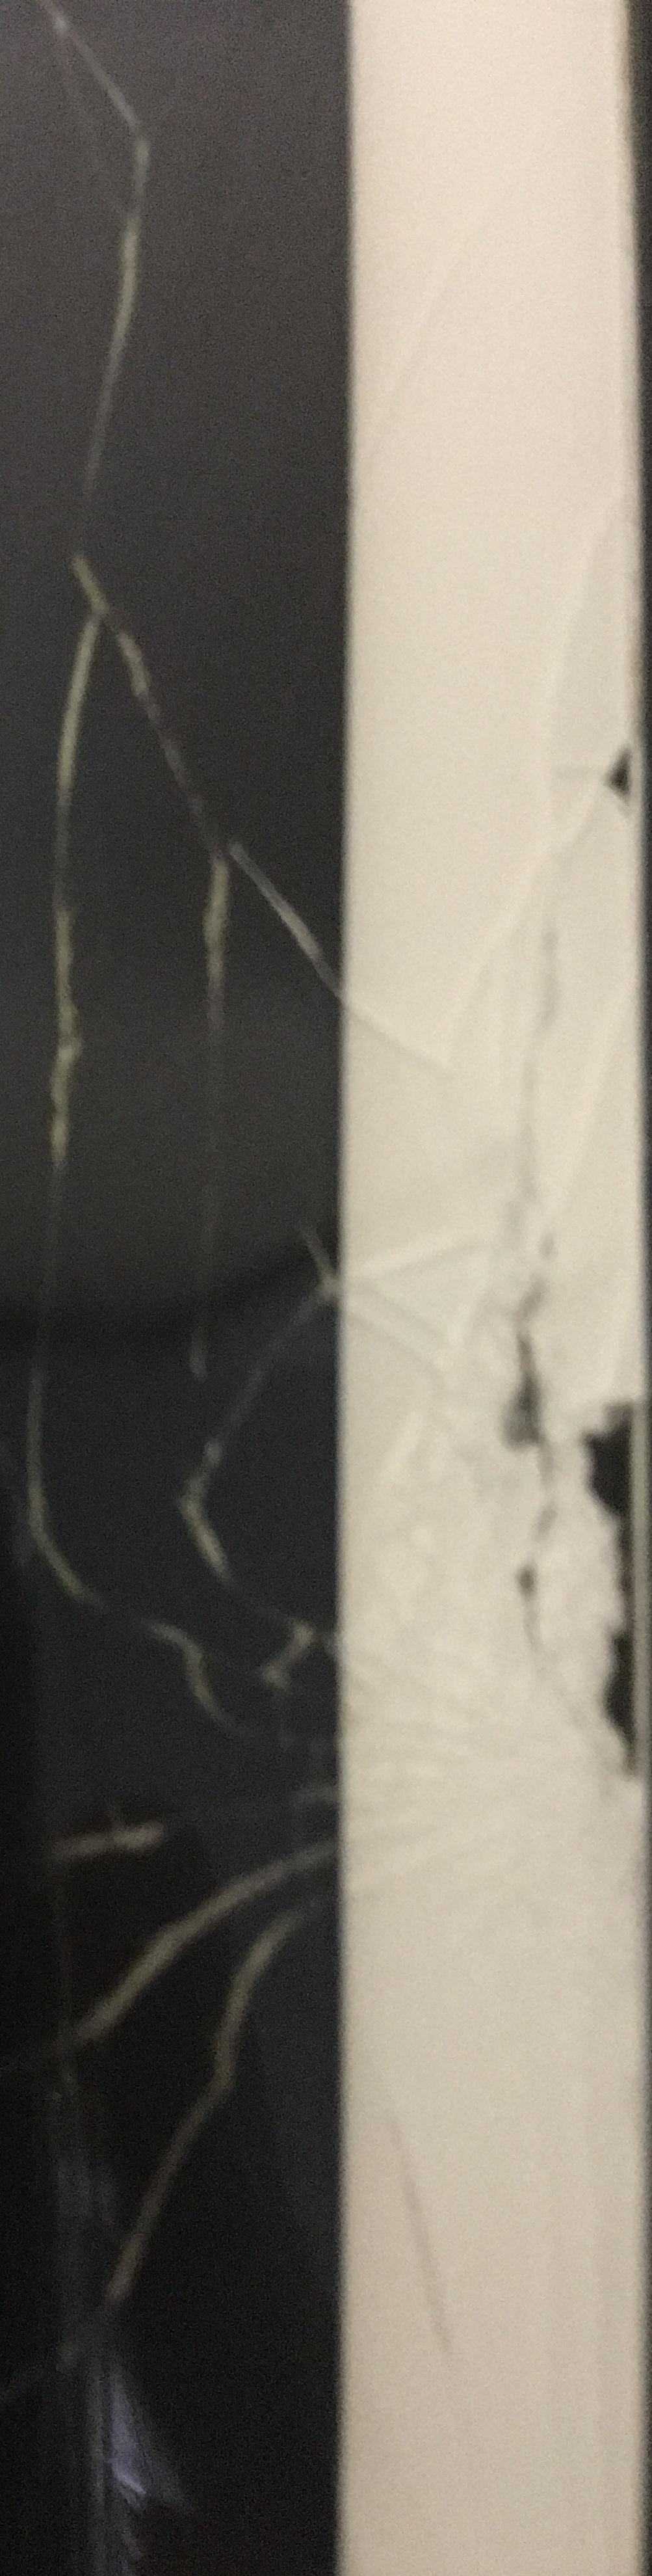 粉々に砕け散ってしまったiPad Airの画面